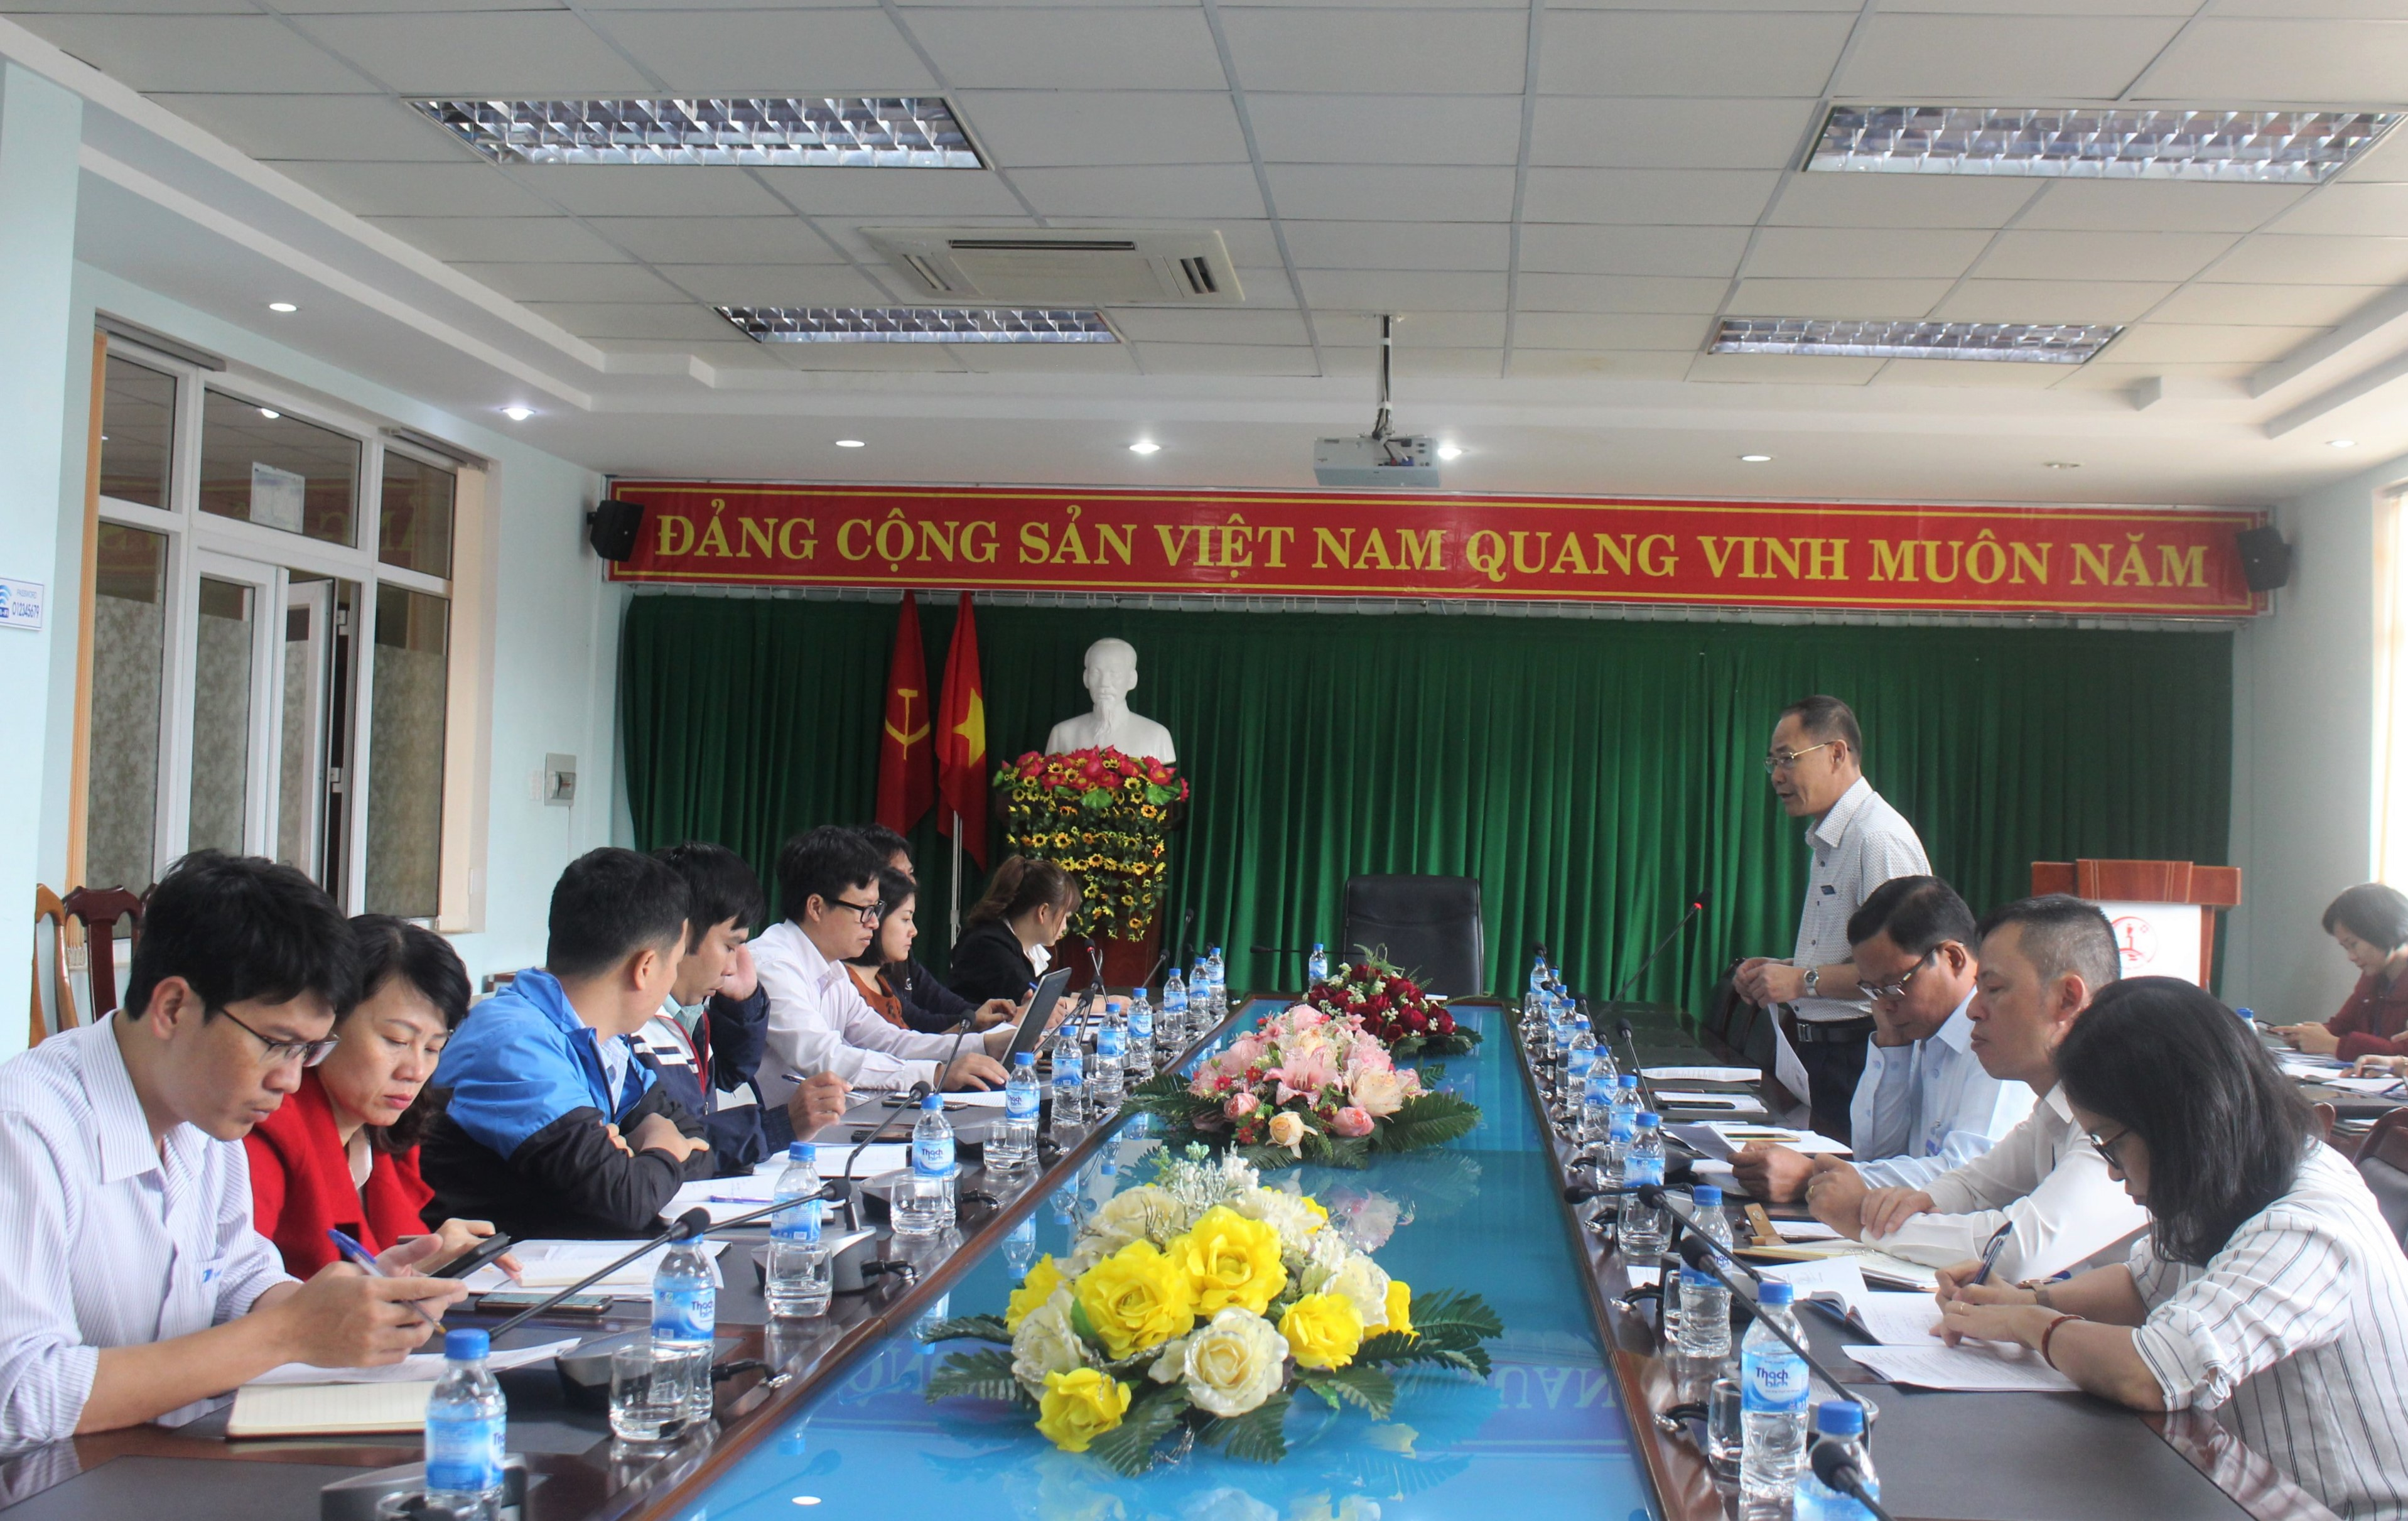 Kiểm tra ứng dụng công nghệ thông tin và xây dựng chính quyền điện tử tại UBND thành phố Buôn Ma Thuột